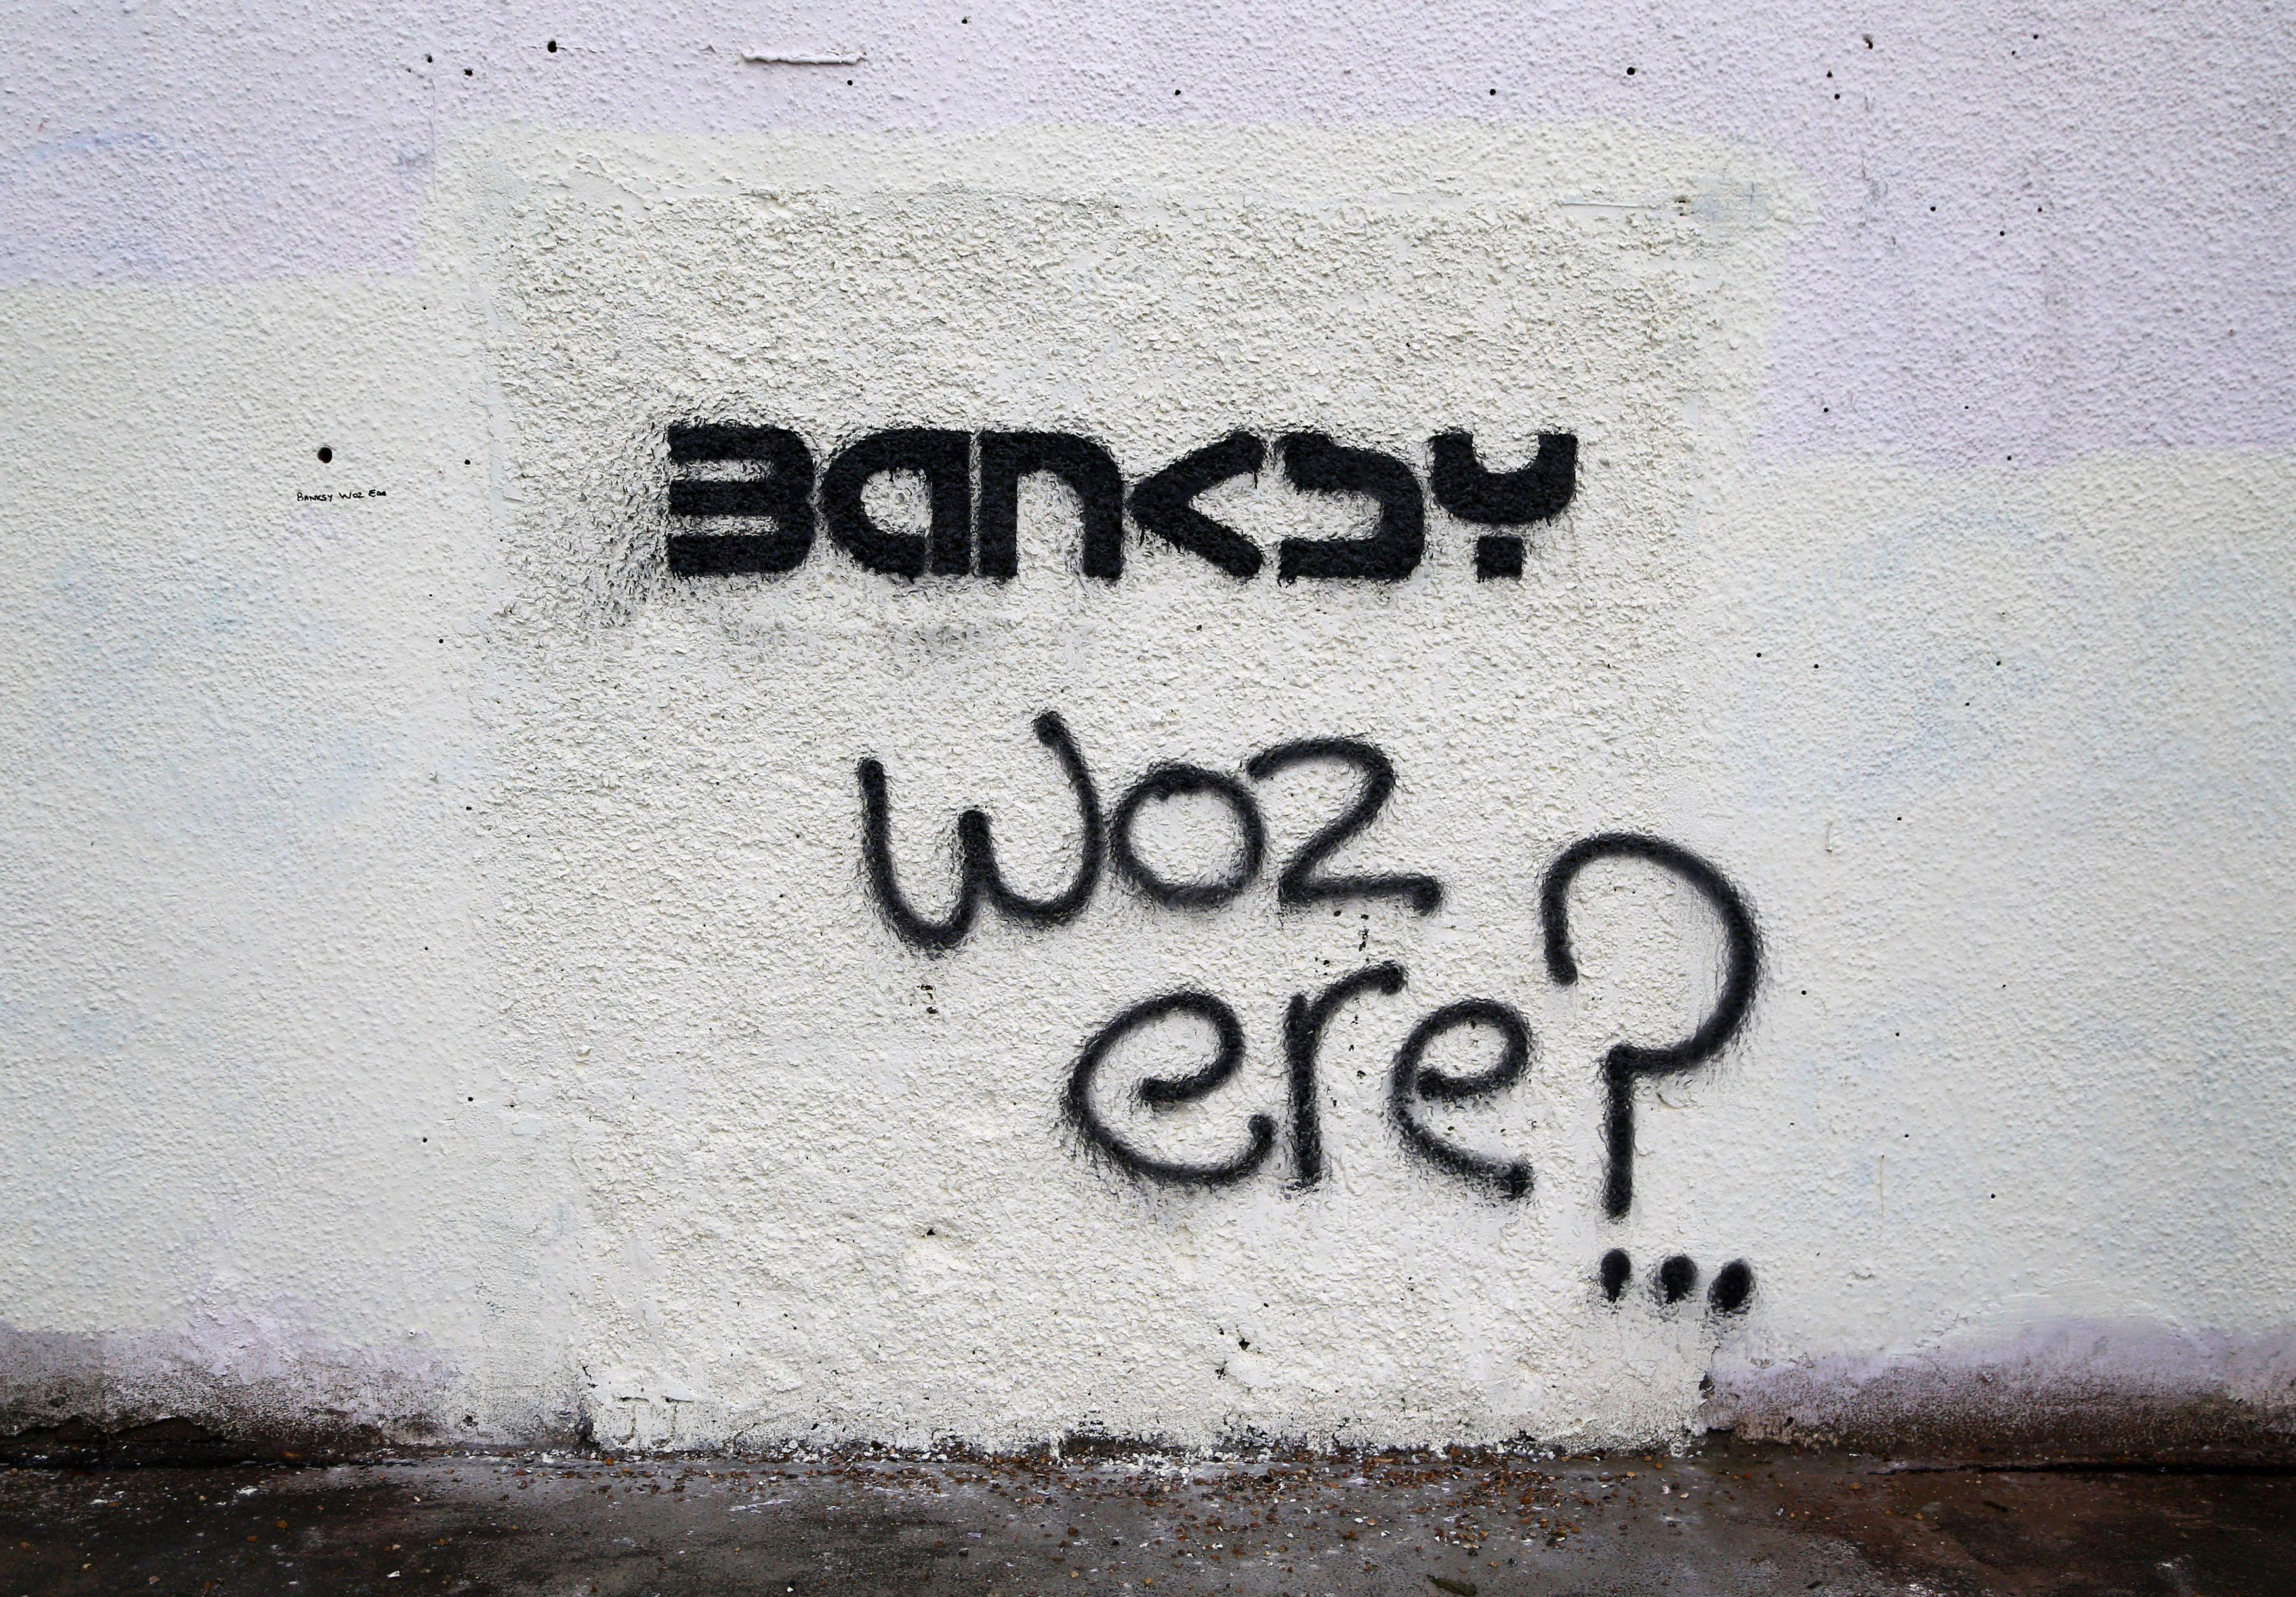 Banksy's art, November 10, 2014